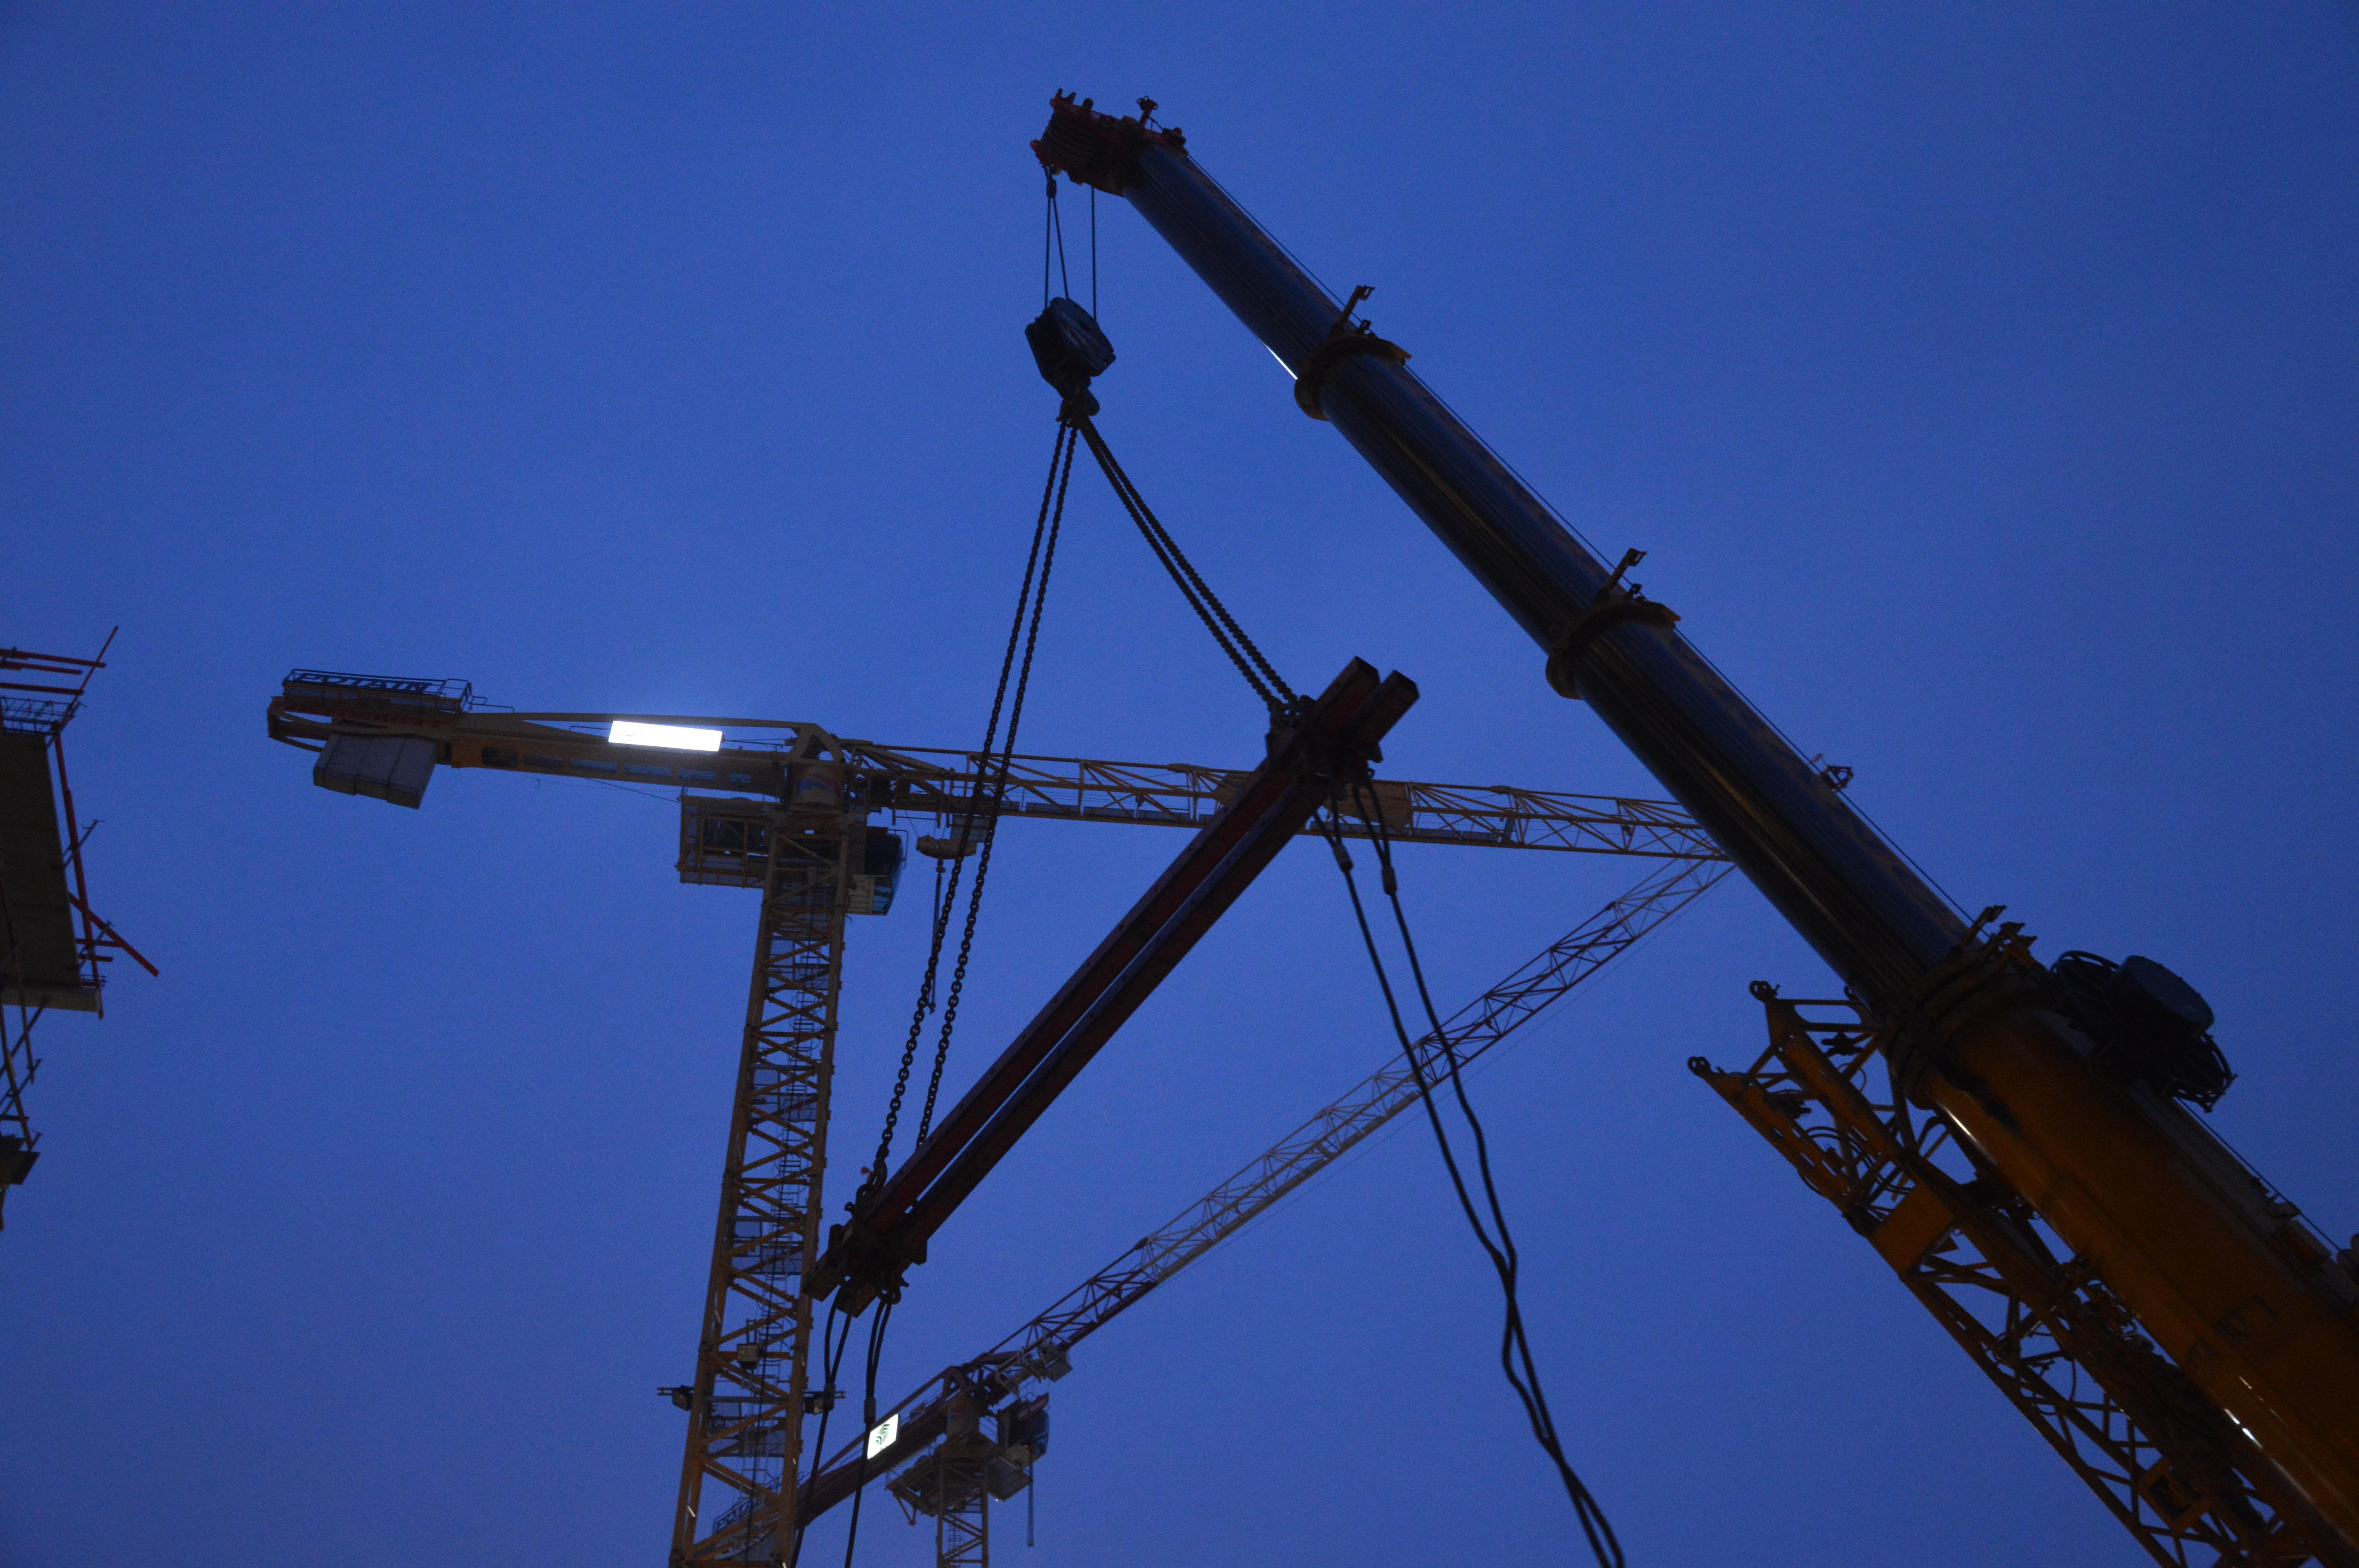 chantier-bruxelles-centre-forage-installation-pompe-puits-geothermie-eurodrill-liege-belgique-22